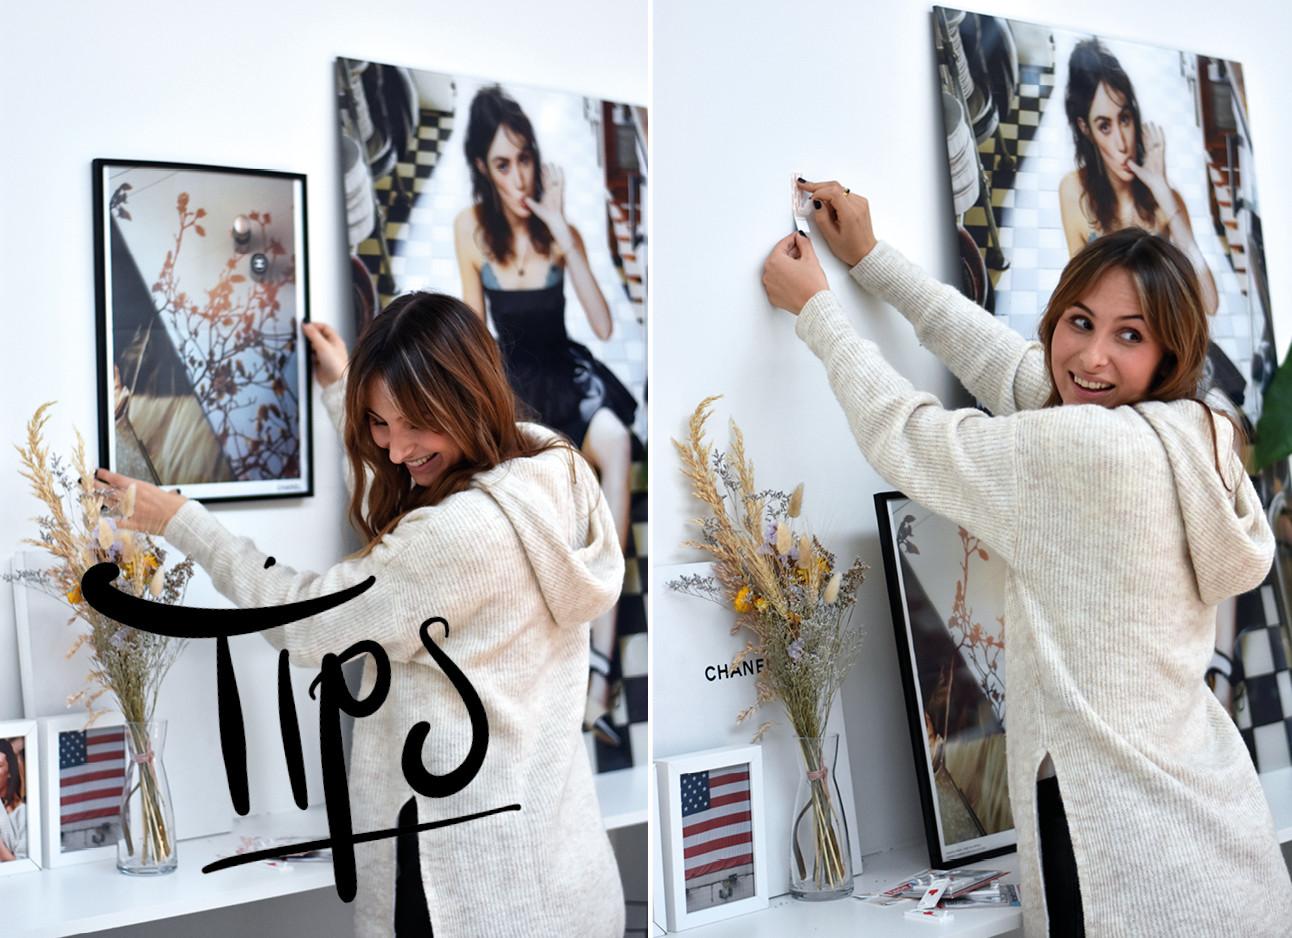 Lilian die een beeld aan de muur ophangt met de tesa plak spijker